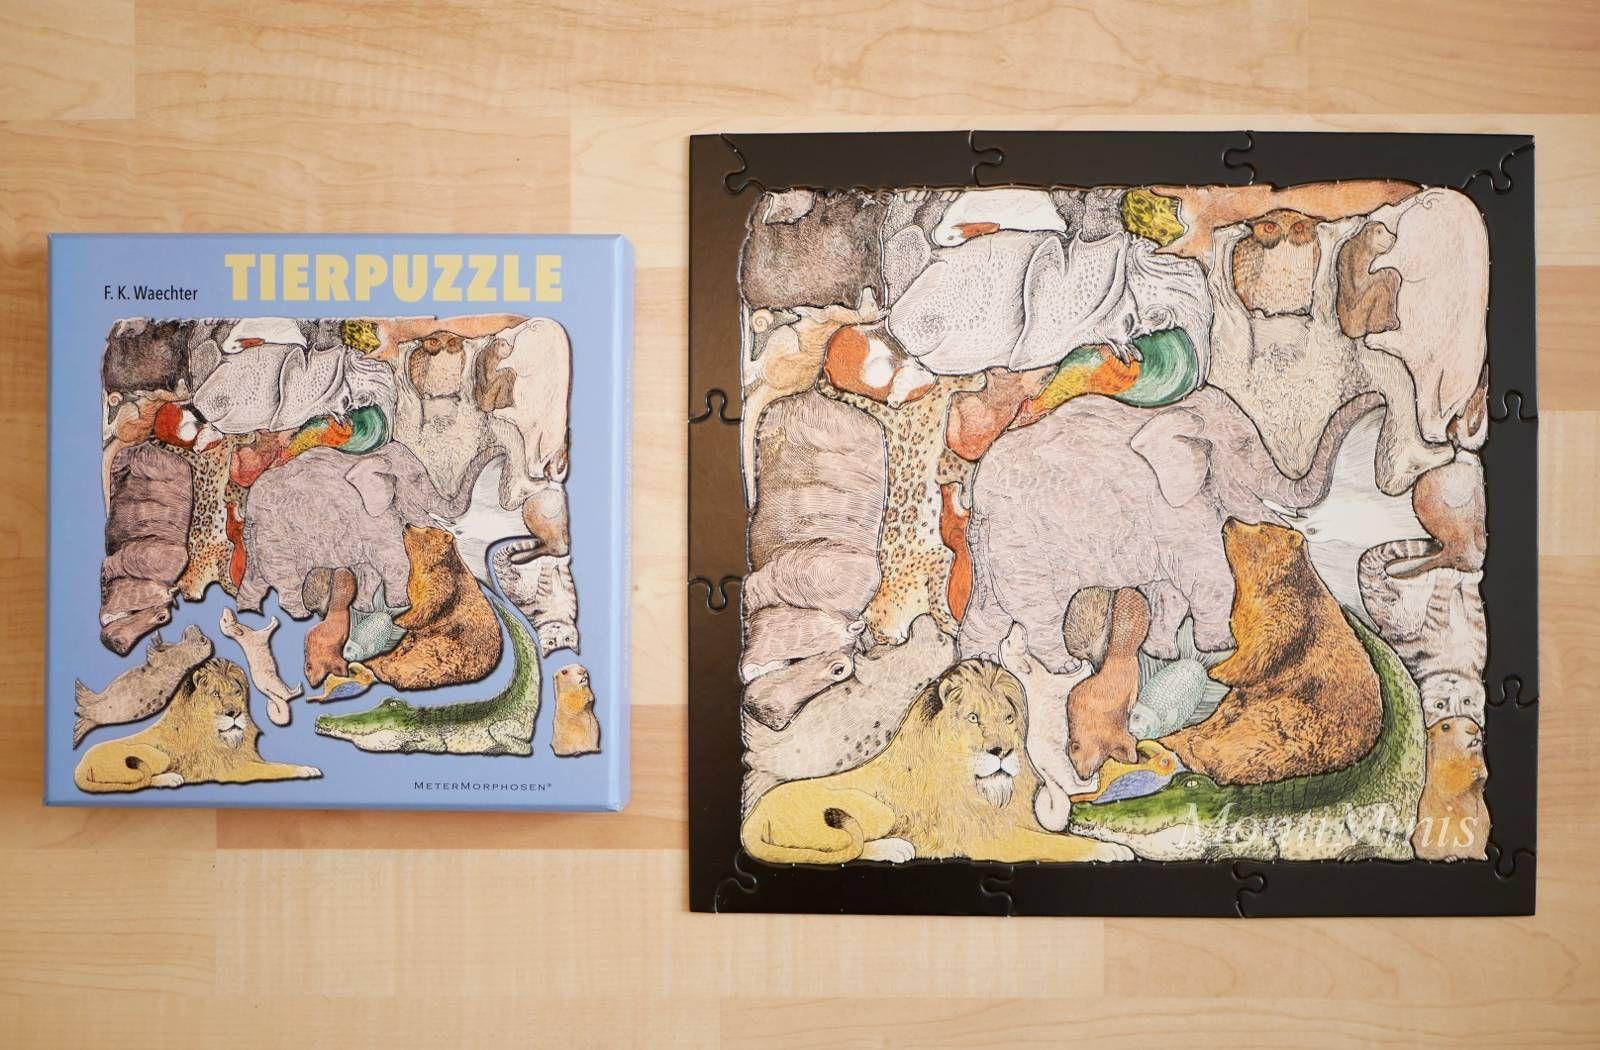 Spiel-Tipp: Ein besonderes Tierpuzzle von F.K.Waechter – Montessori Blog & Shop – MontiMinis